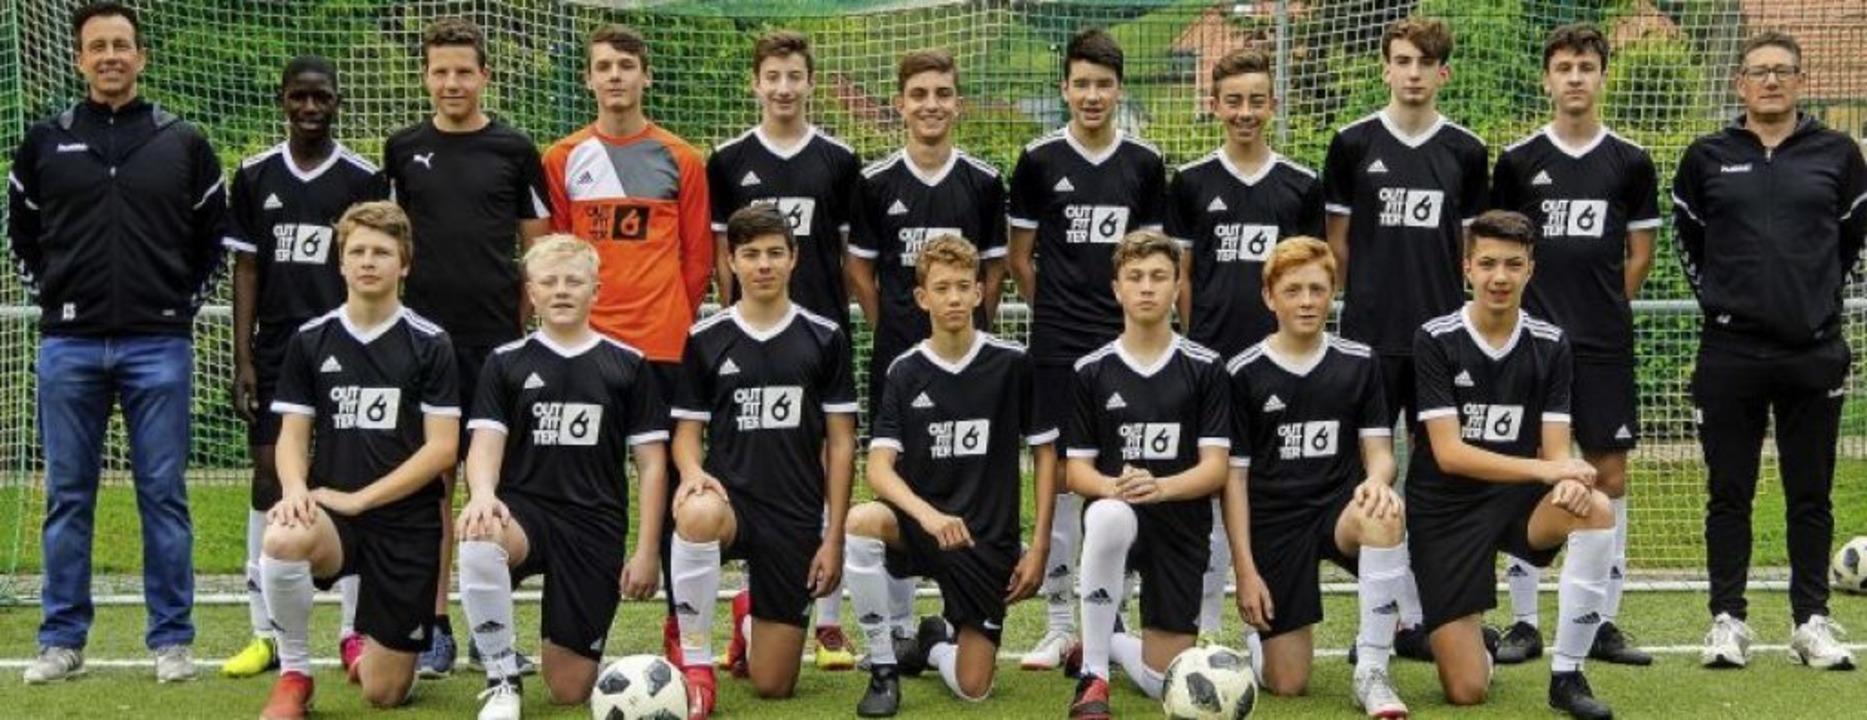 <BZ-FotoAnlauf>SG Münstertal:</BZ-Foto...> Die Meistermannschaft der C1-Jugend   | Foto: Privat